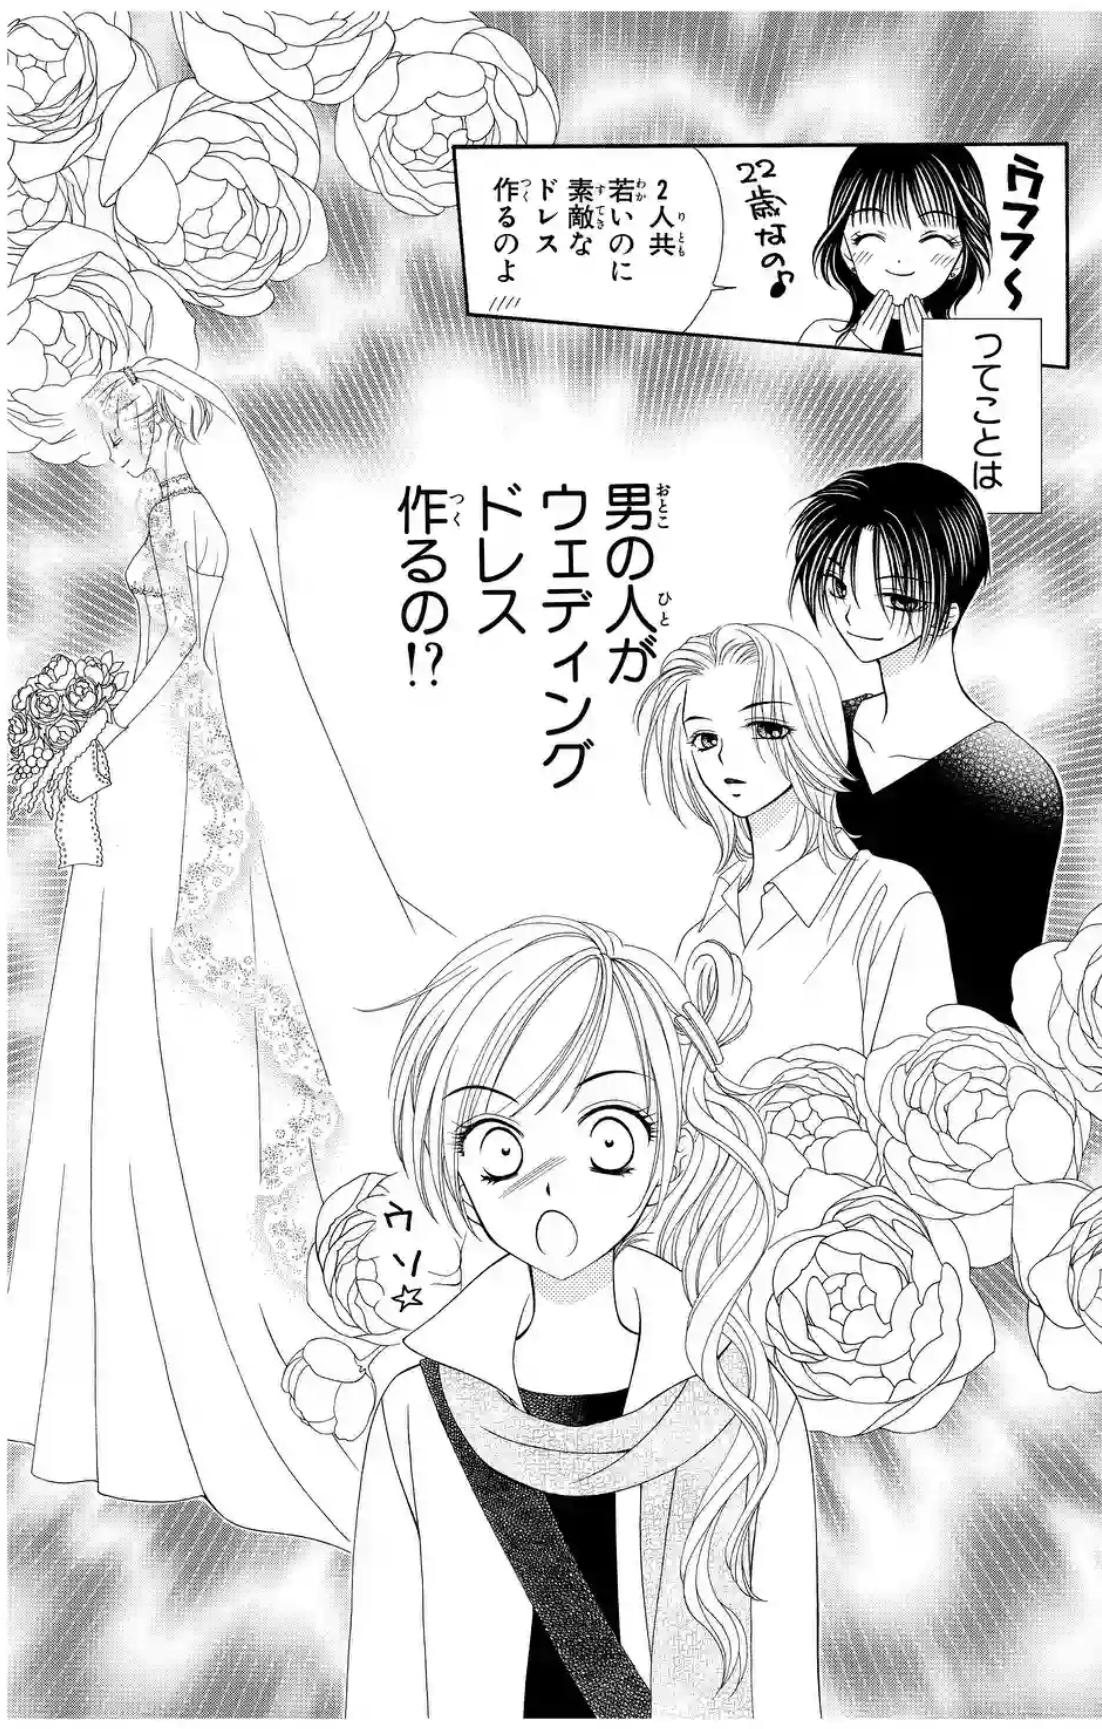 見どころ1:美男美女のキャラクターが勢ぞろい!